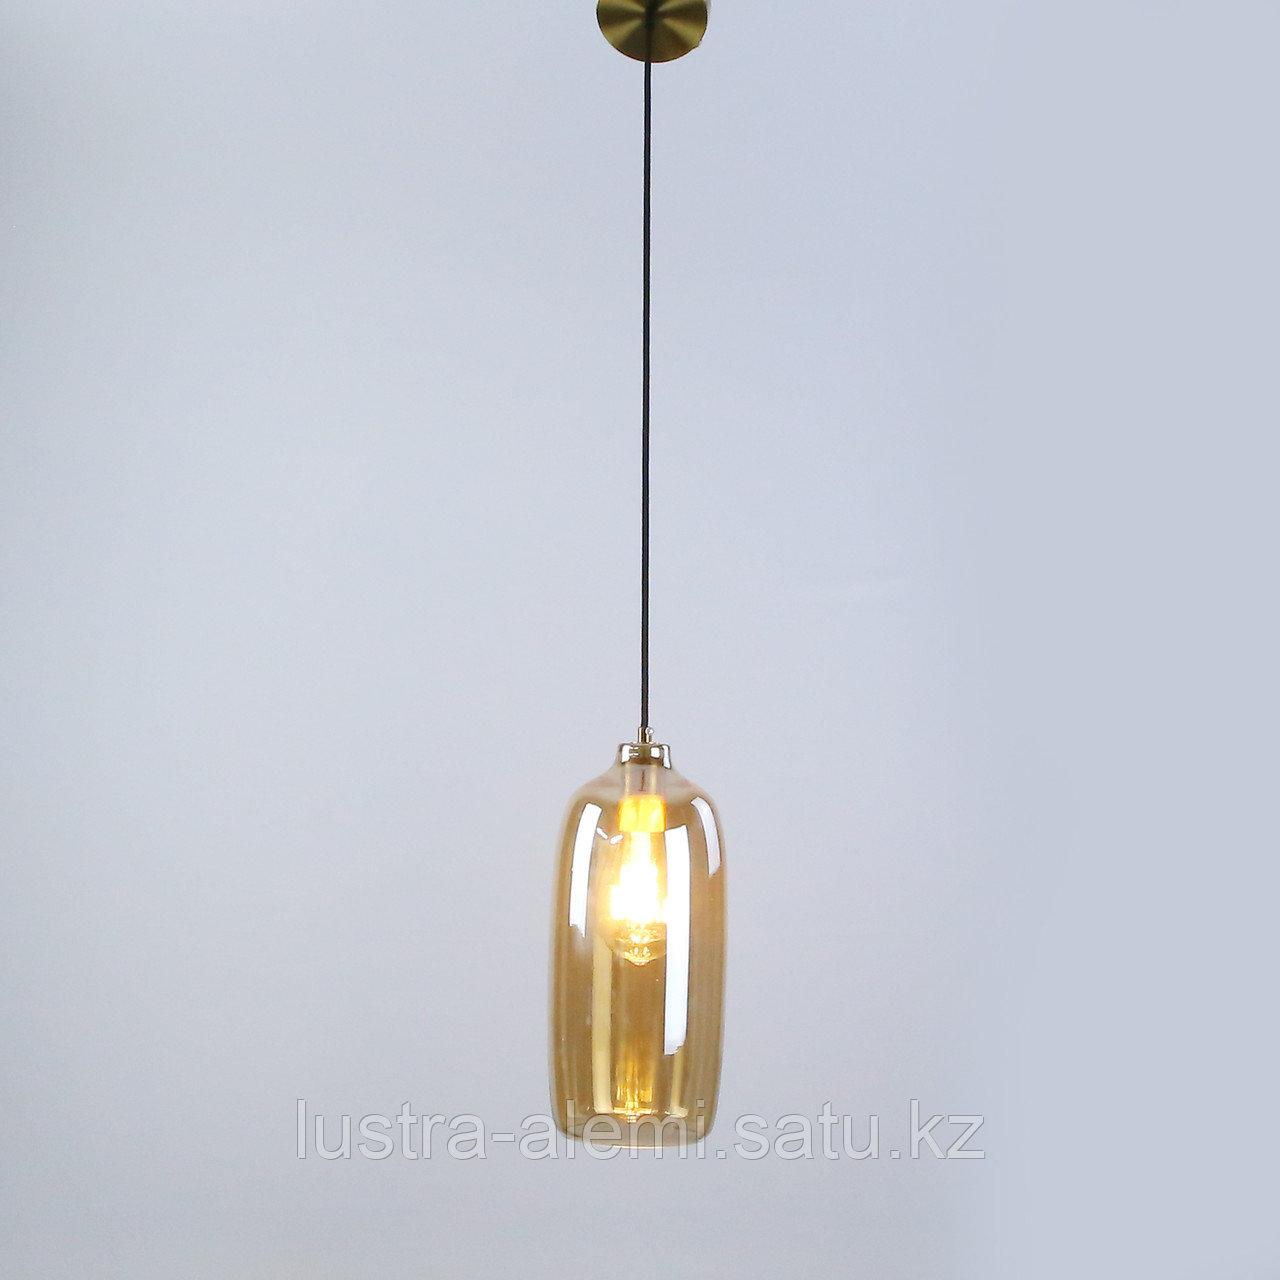 Люстра Подвесная HD 1042/1 Glass